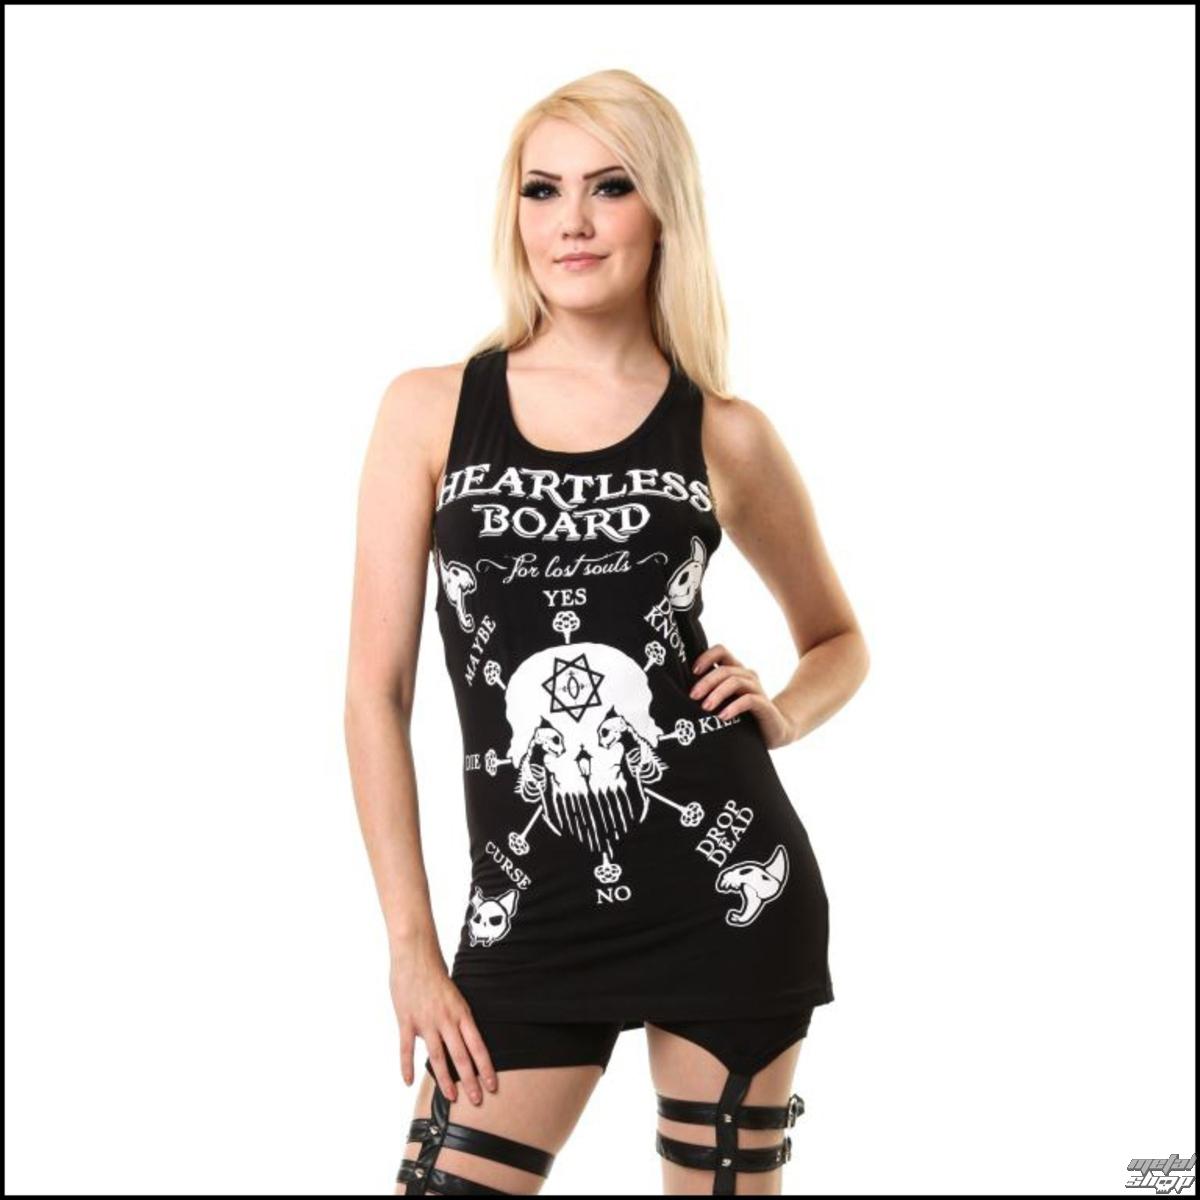 šaty dámske HEARTLESS - Yes No Možno - Black